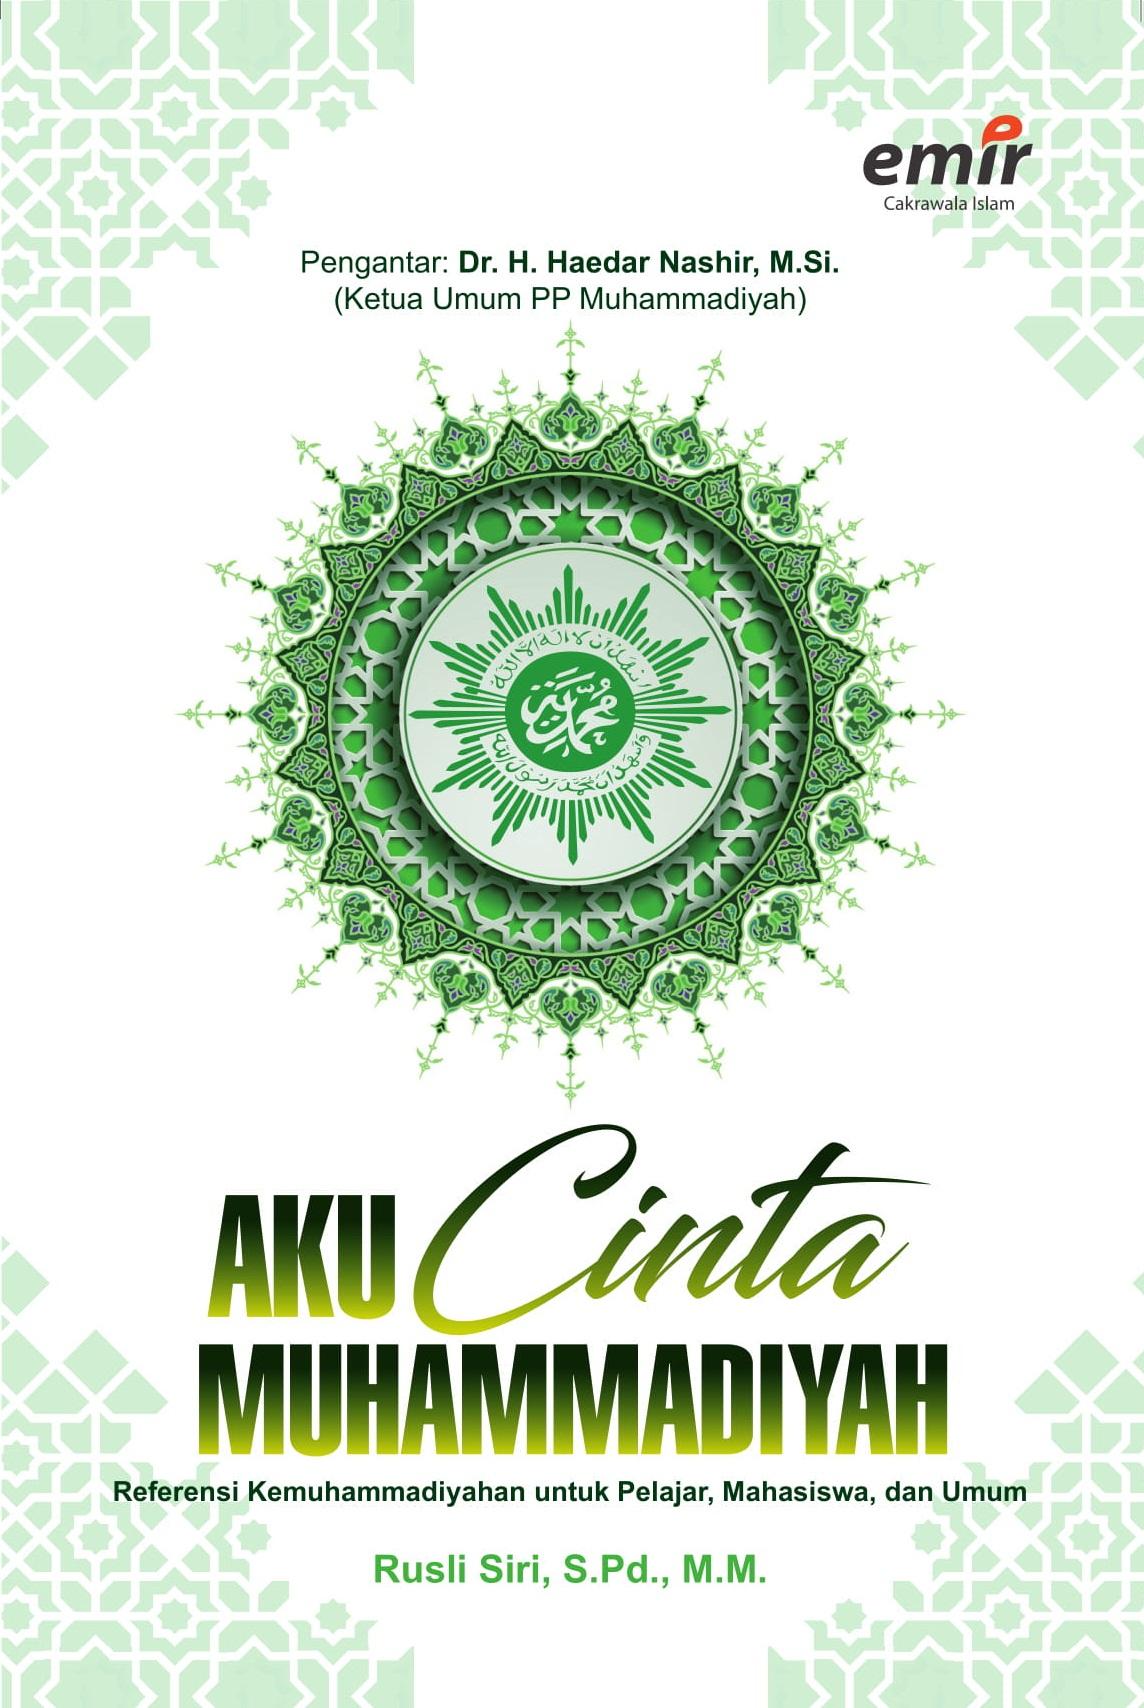 Aku Cinta Muhammadiyah; Referensi Kemuhammadiyahan untuk Pelajar, Mahasiswa, dan Umum